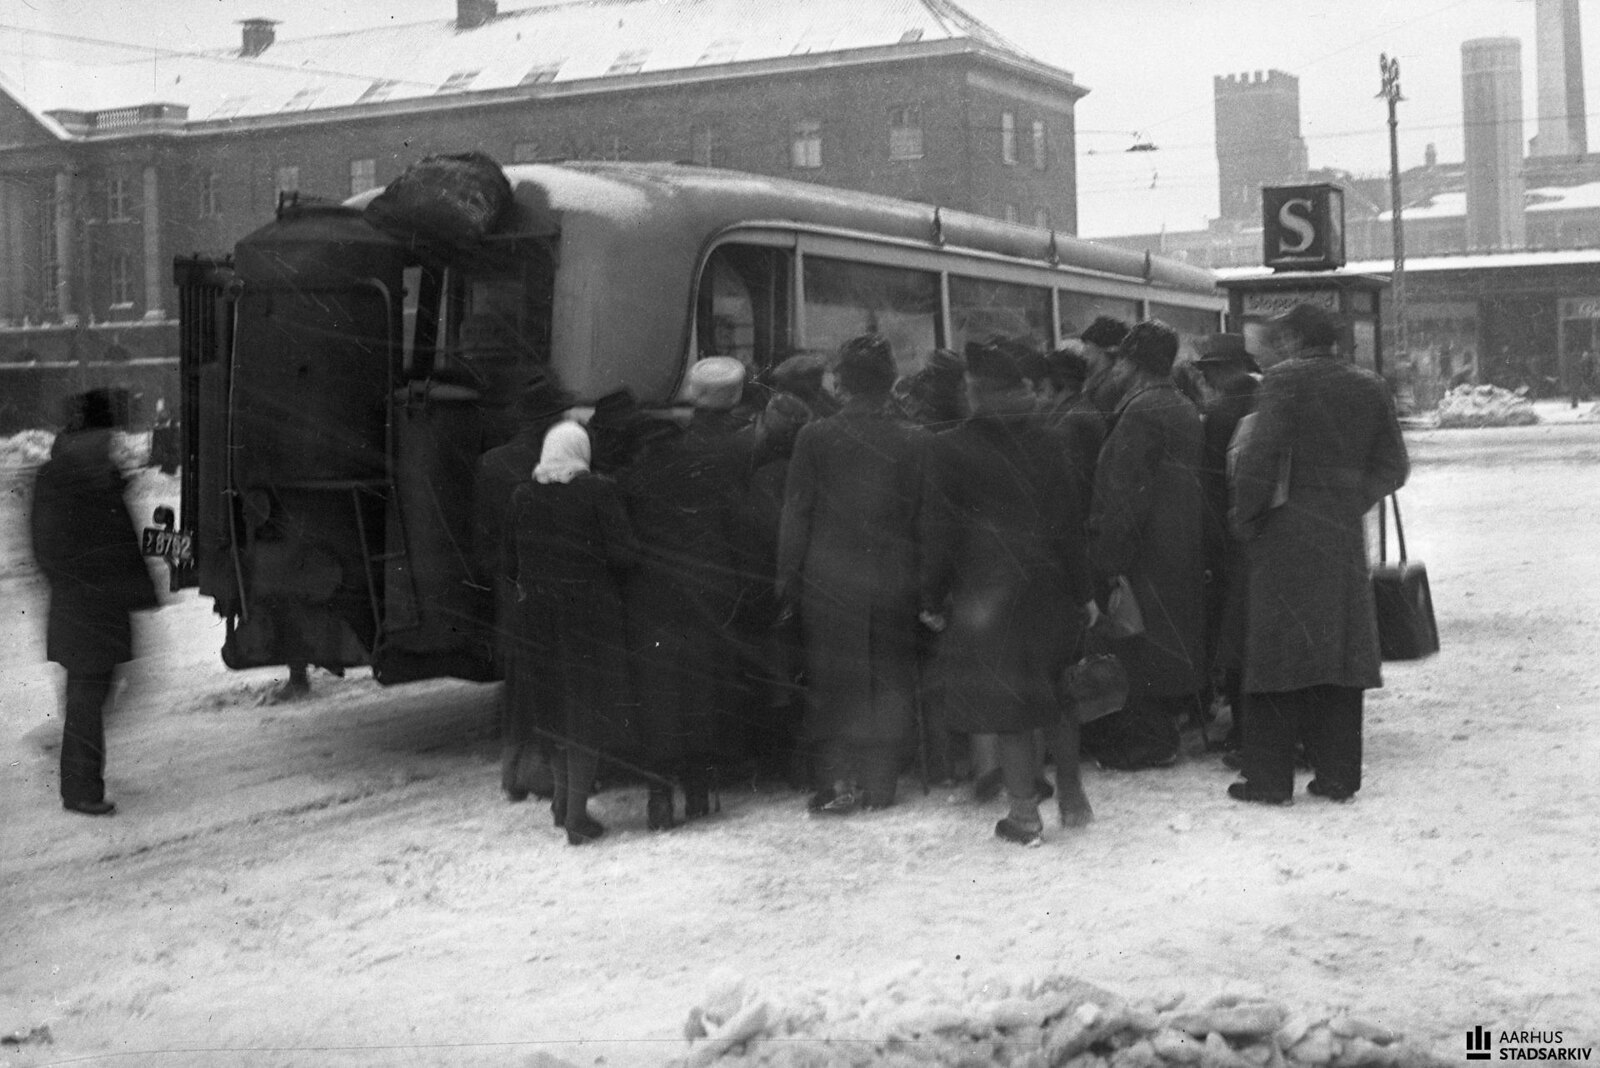 1943. Толпы на остановках ждут, чтобы сесть на автобусс. В задней части автобуса - генератор газового двигателя